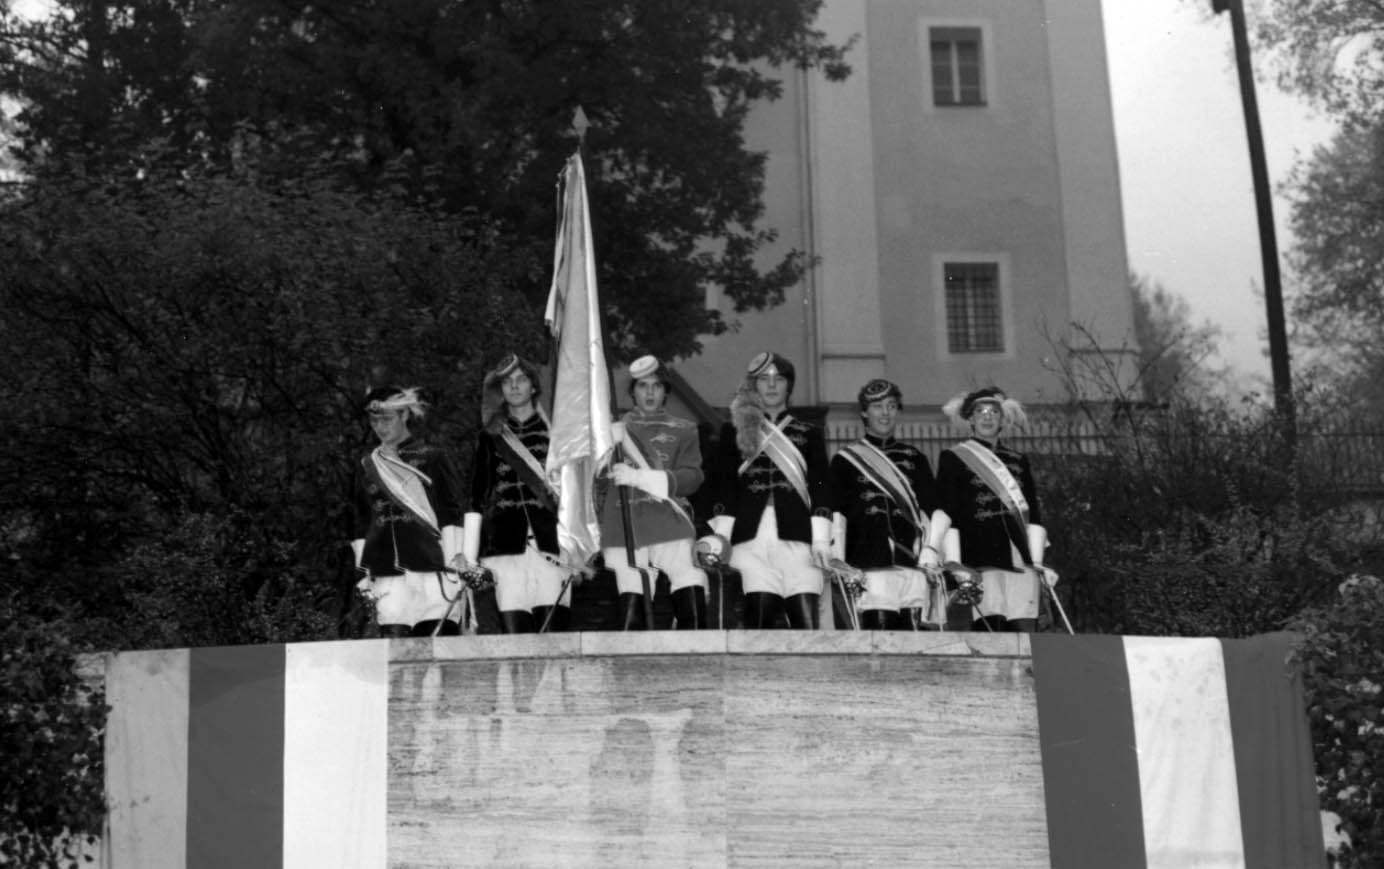 1983 Kreuzbergl